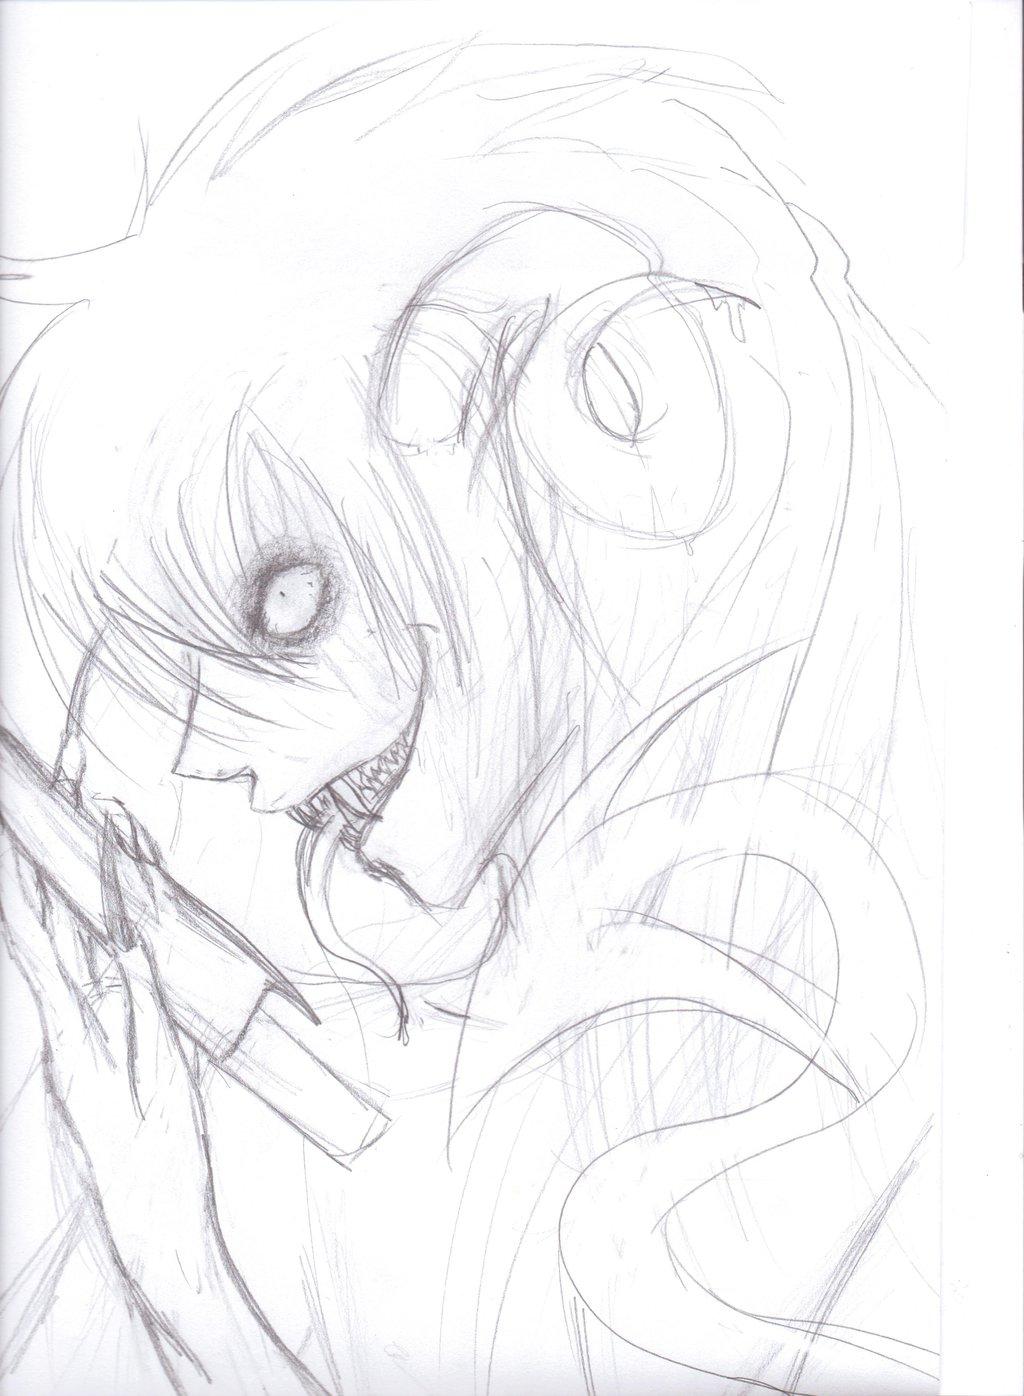 1024x1396 Demon Jeff The Killer Sketch Part 1 By Crusniko2lover